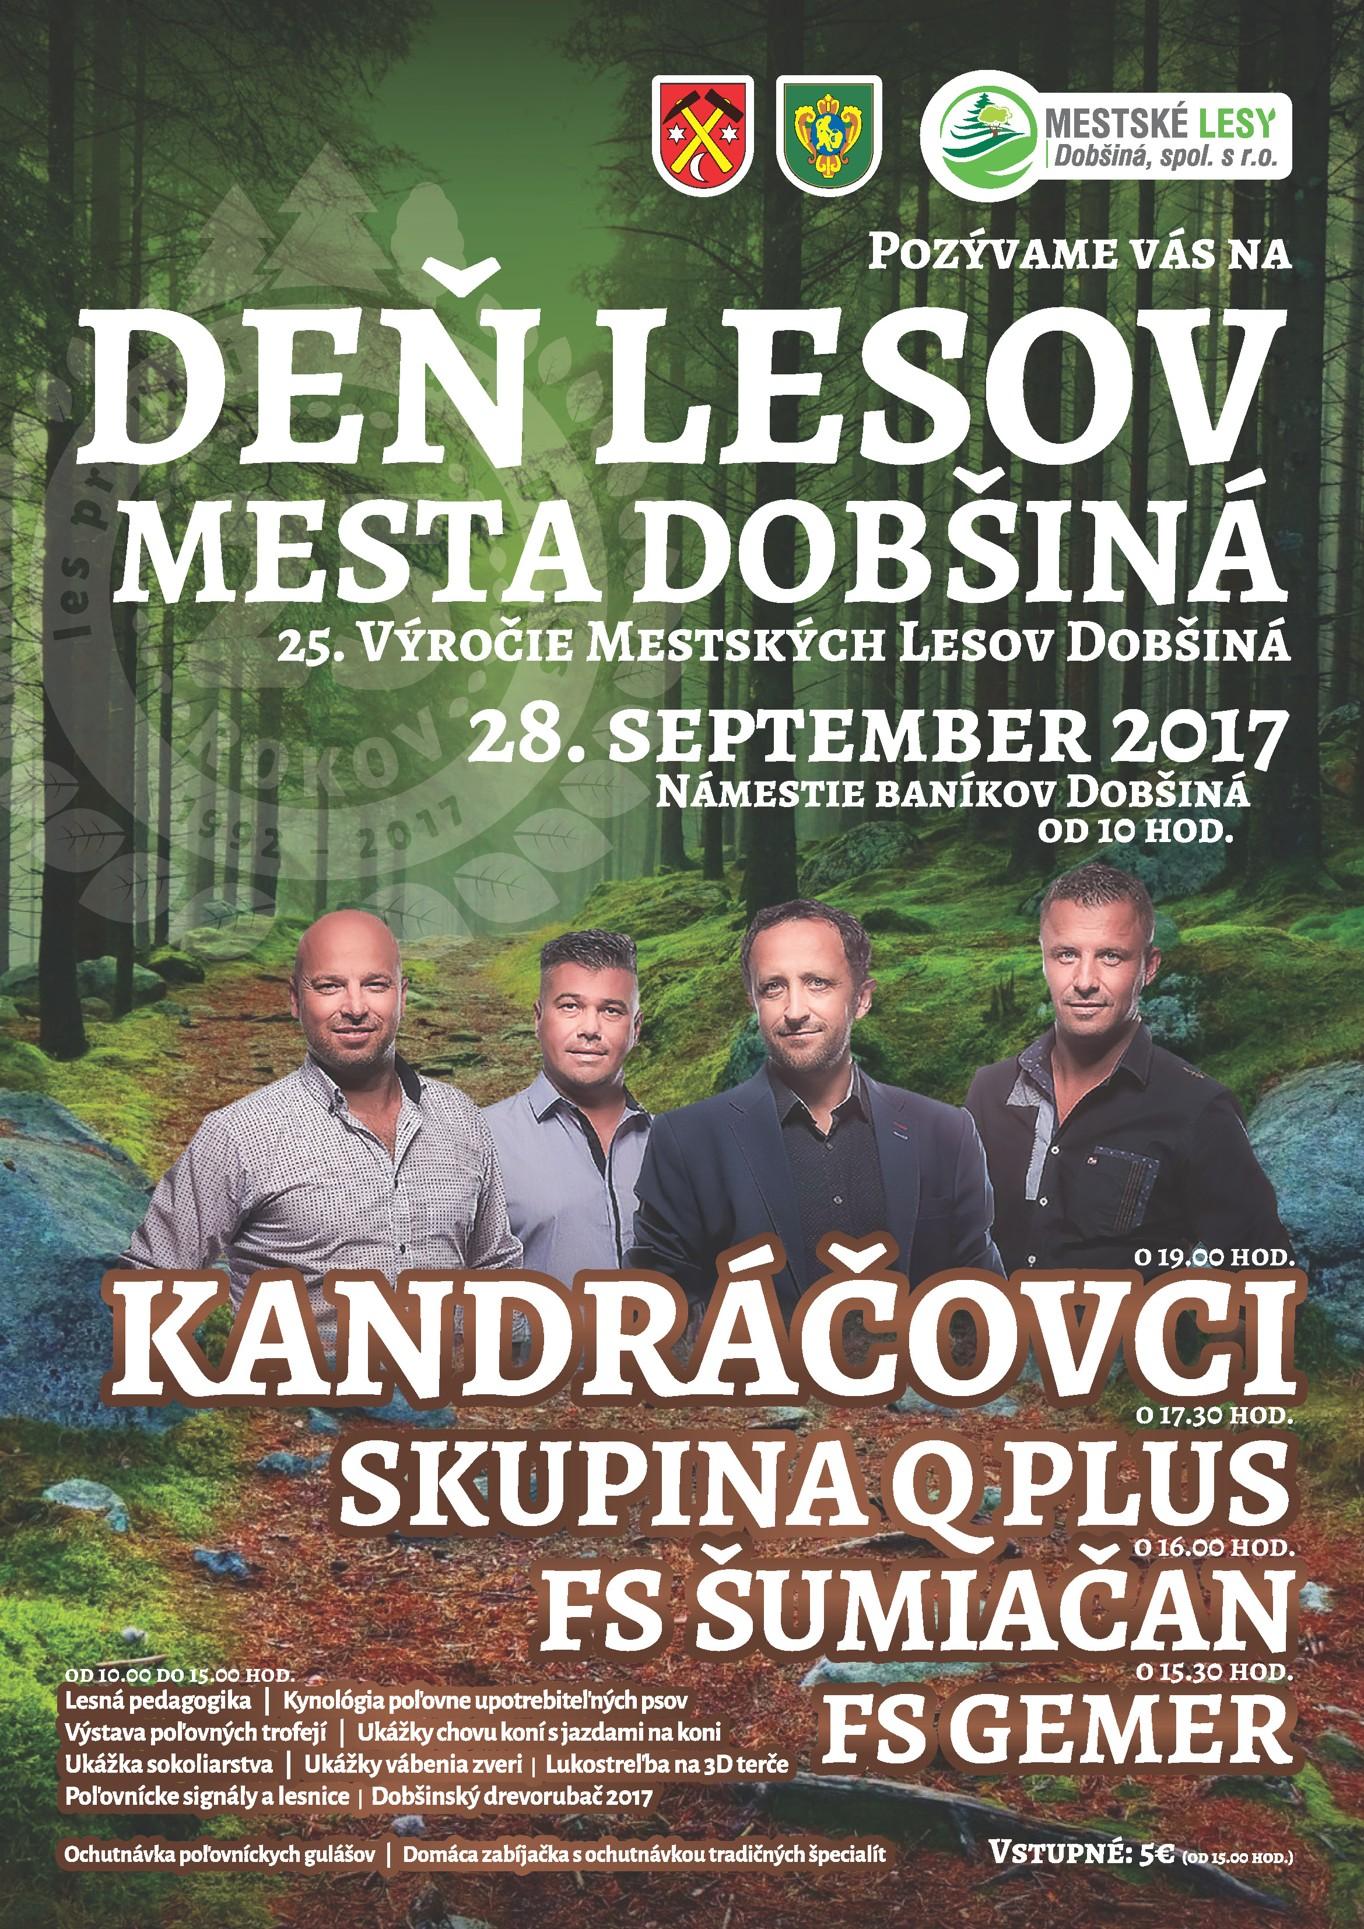 ML_Dobsina_25rokov_poster_A3.jpg